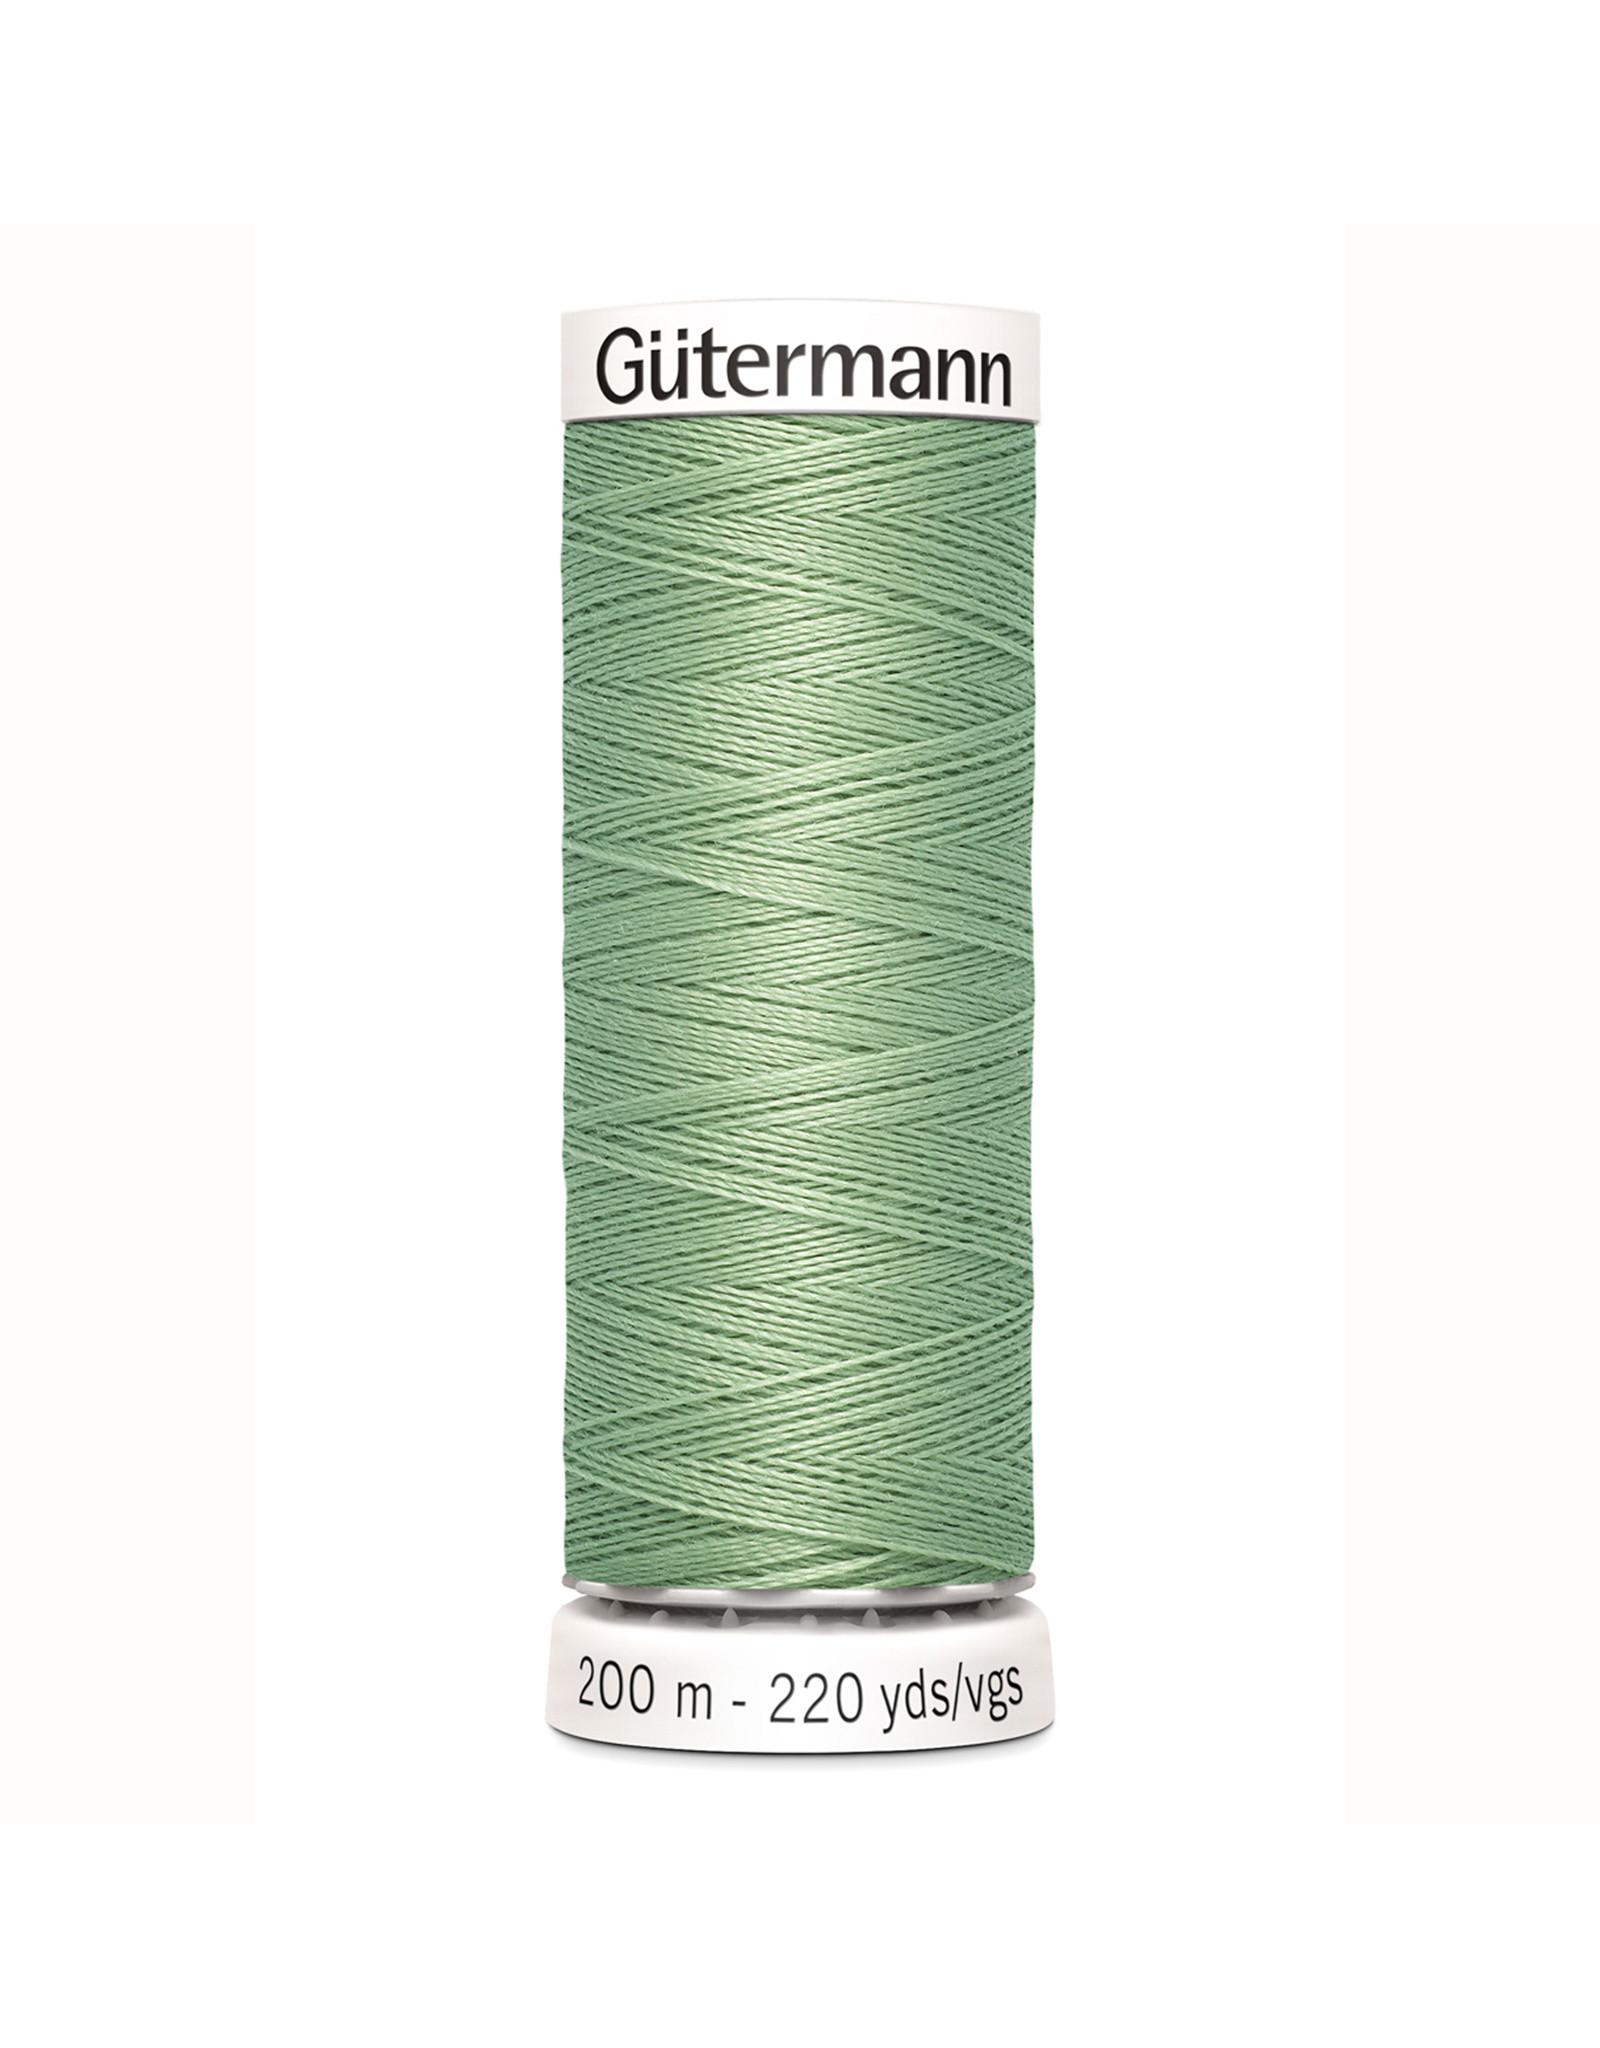 Gütermann Gütermann Sewing Thread 200 m - nr 914